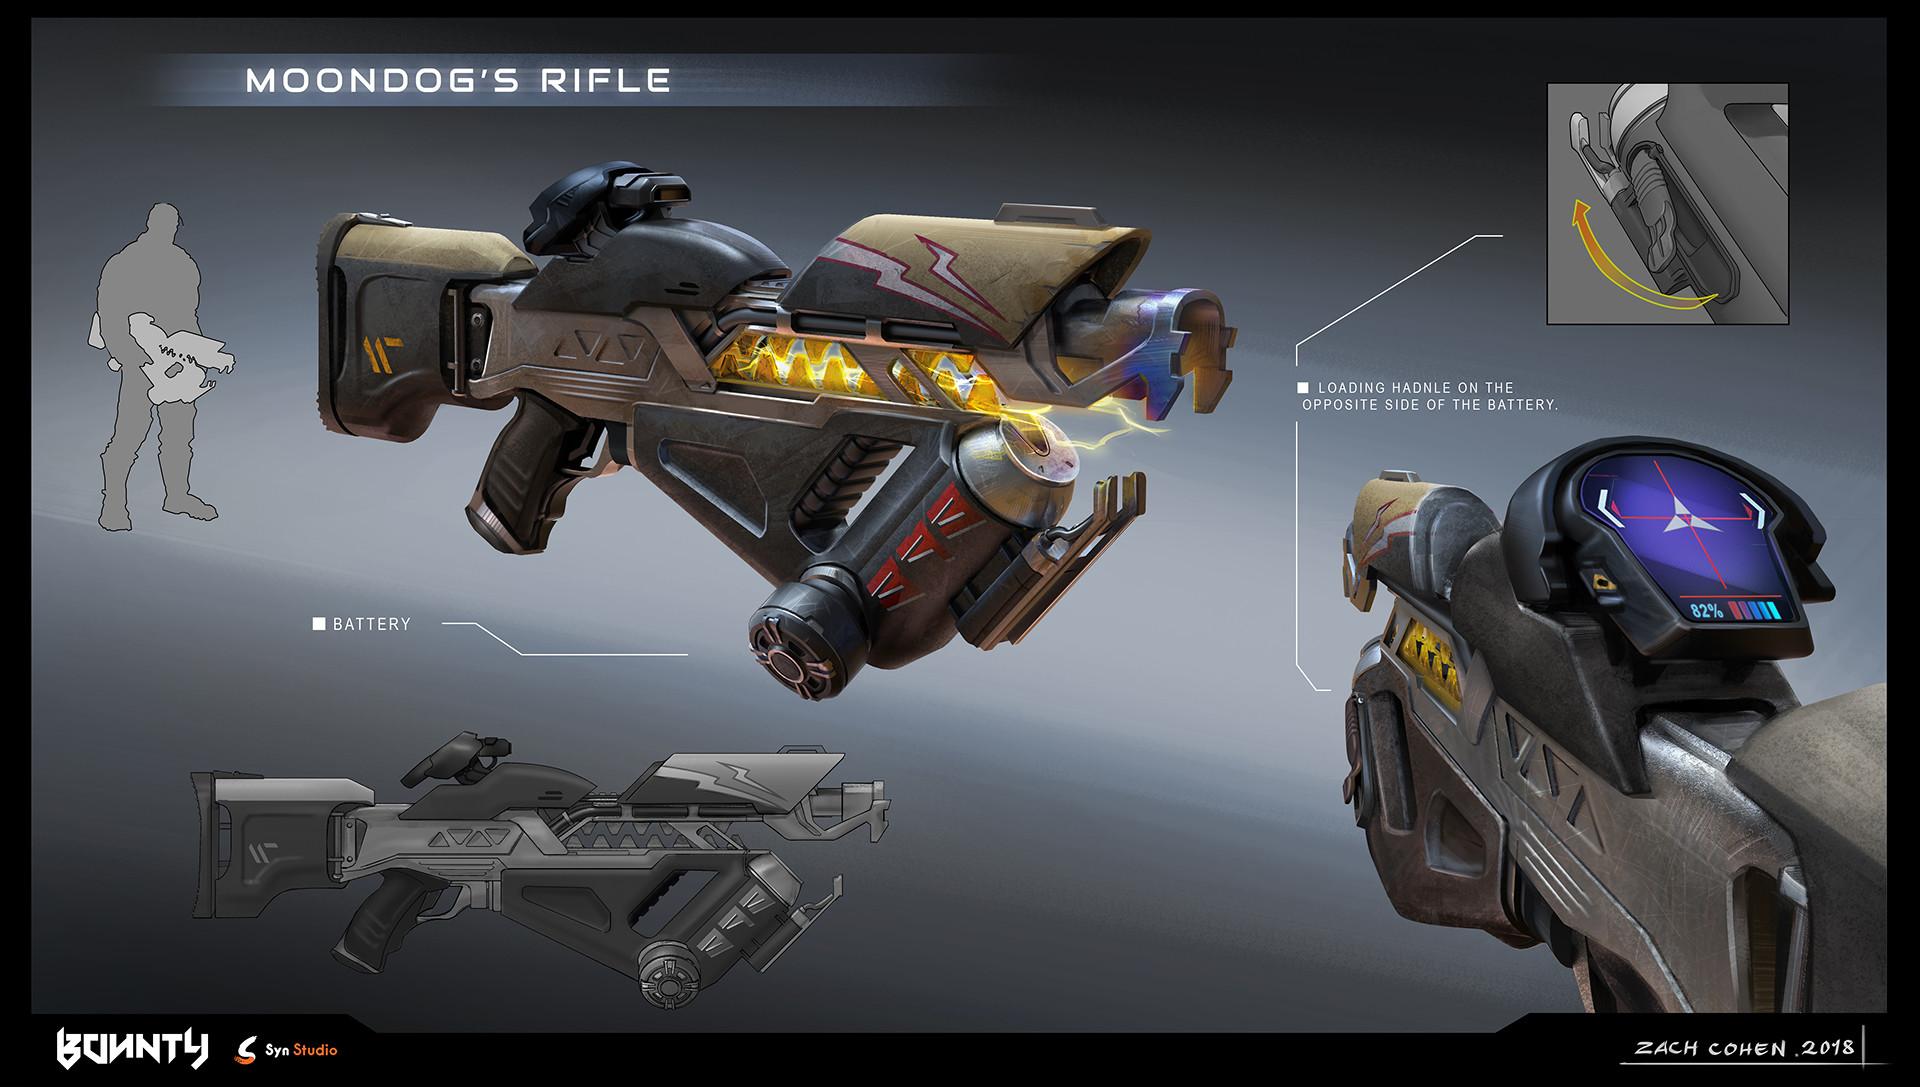 zach-cohen-moondog-gun-presentation1920p